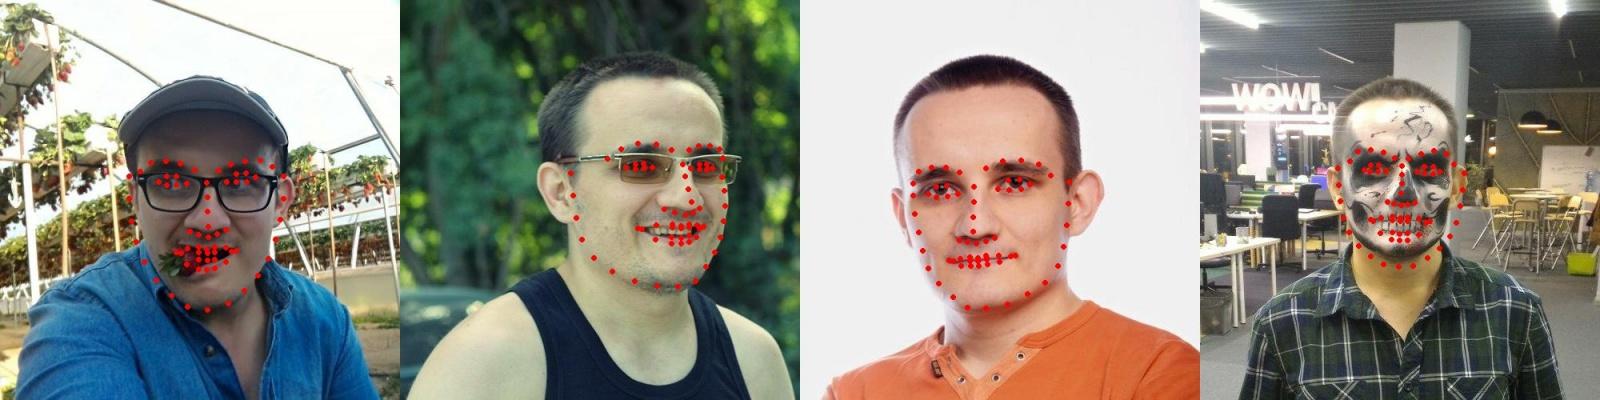 Компьютерное зрение и машинное обучение в PHP используя библиотеку opencv - 9